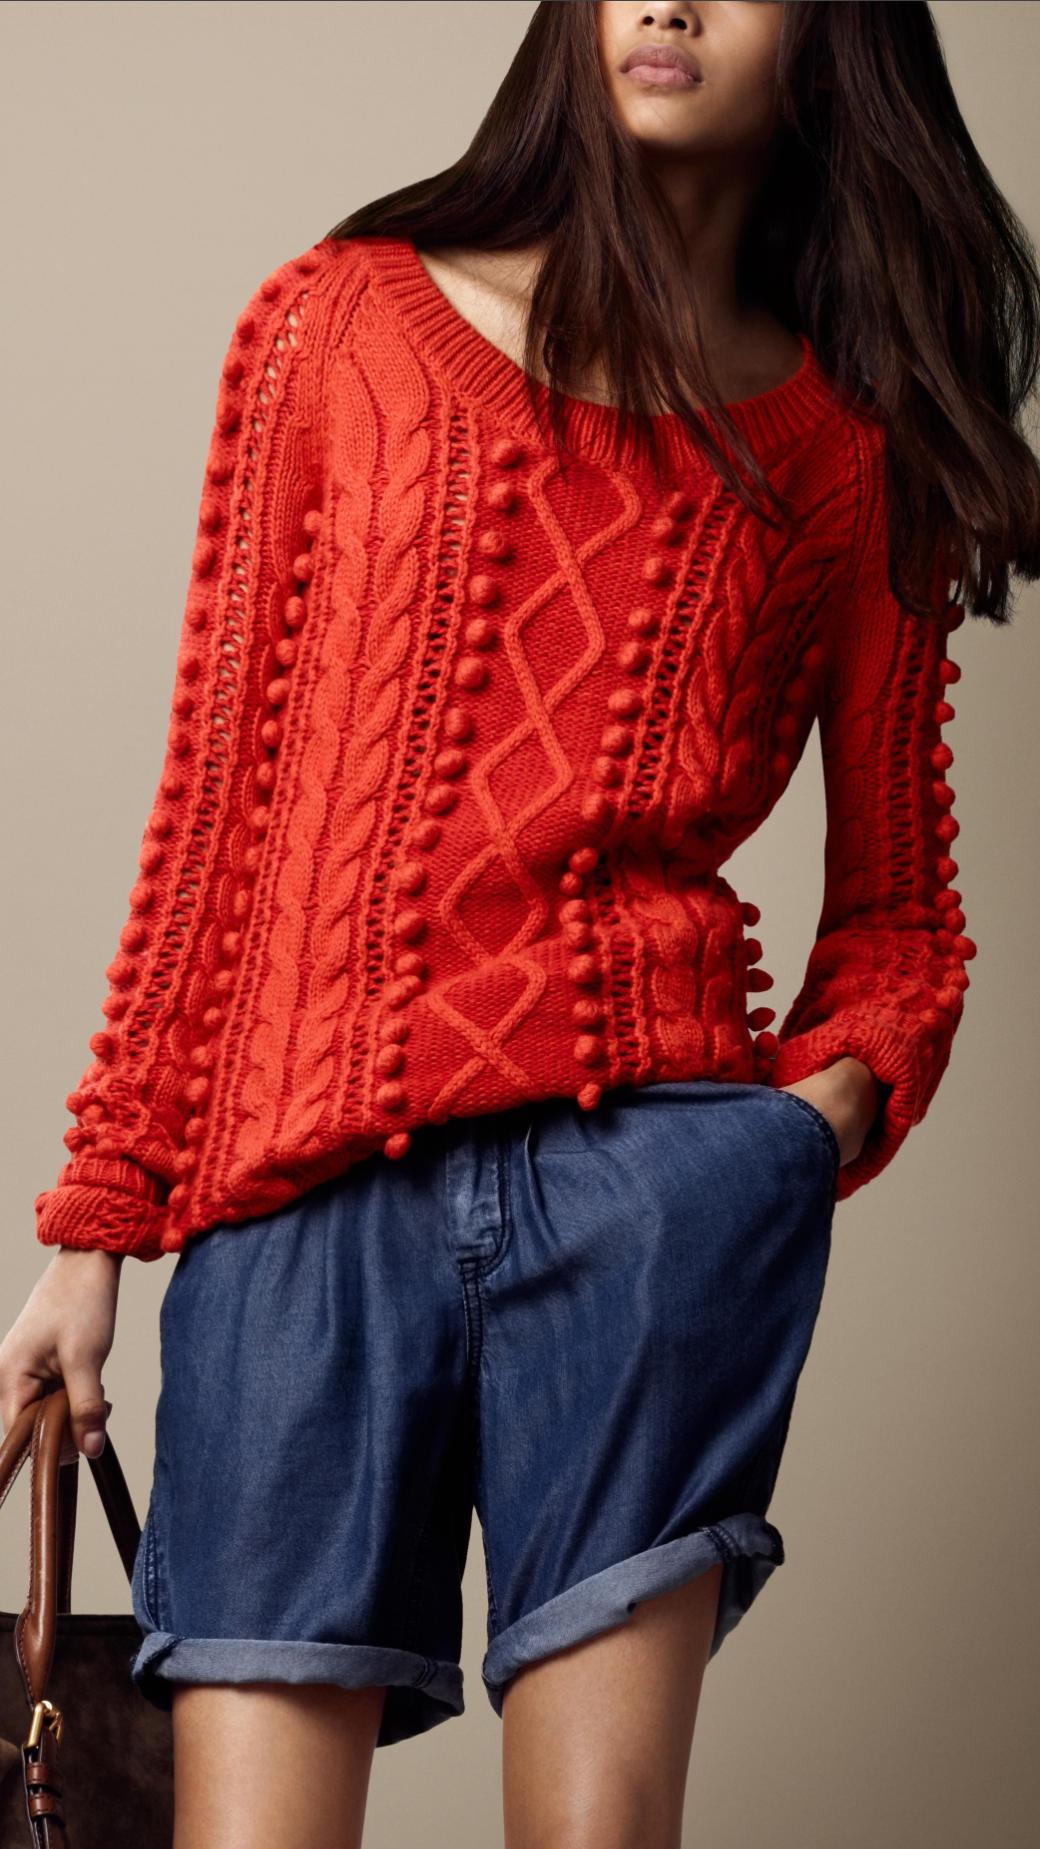 Вязаные модные свитера для девушек фото